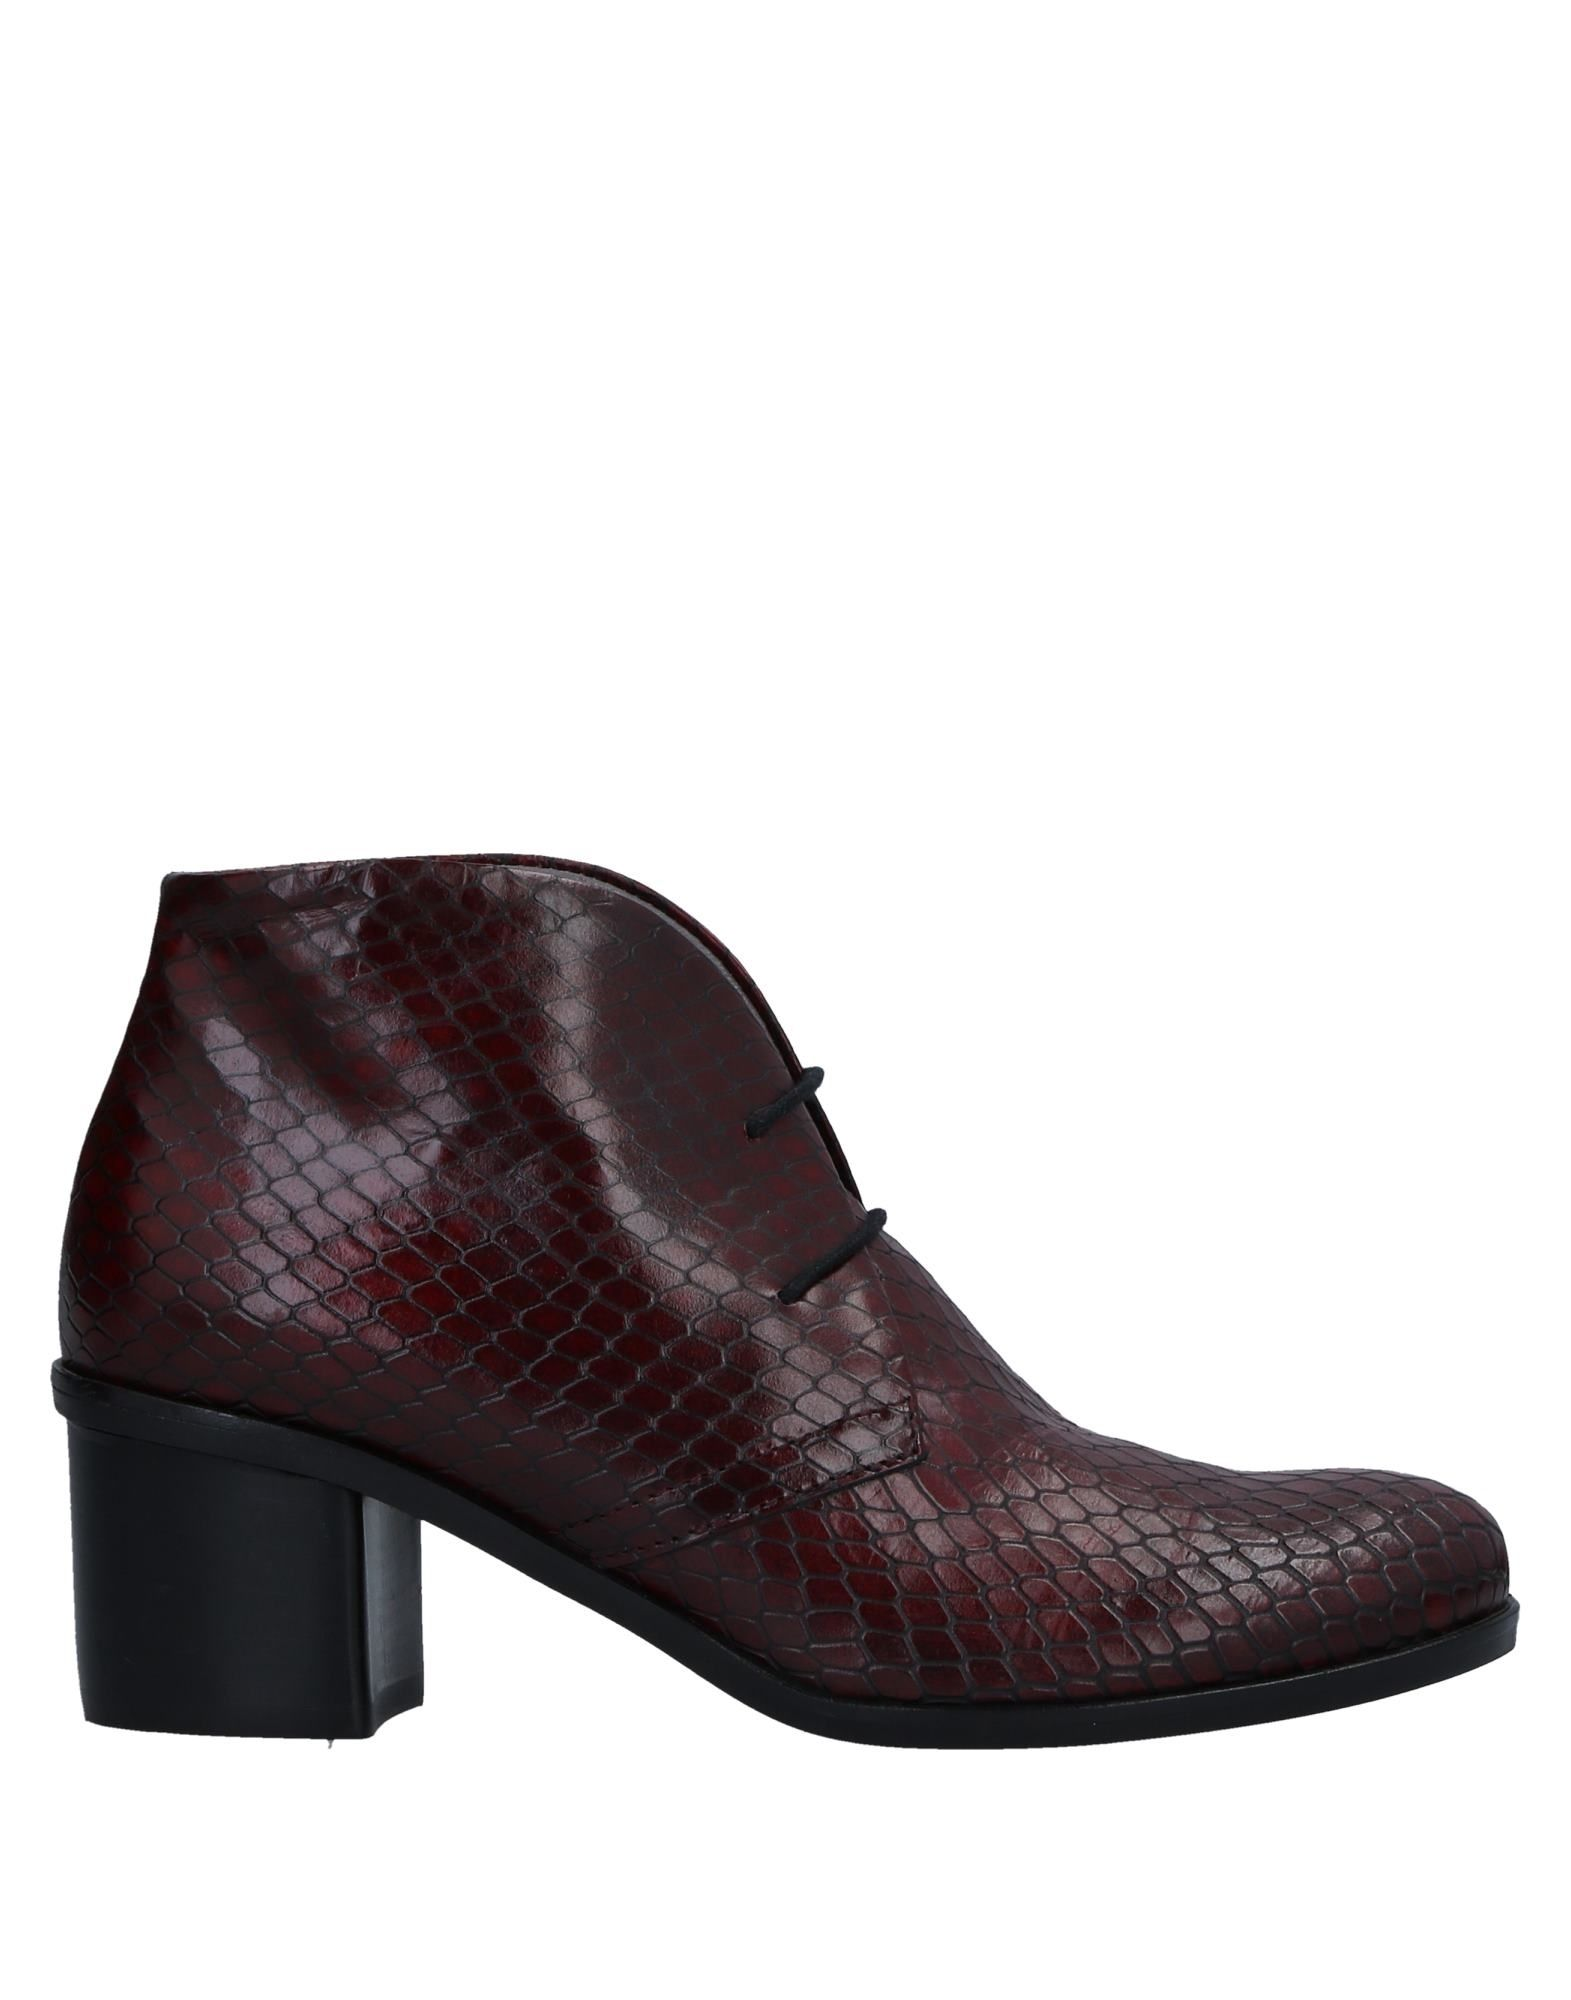 Lilimill Stiefelette Damen  11522422VA Gute Qualität beliebte Schuhe